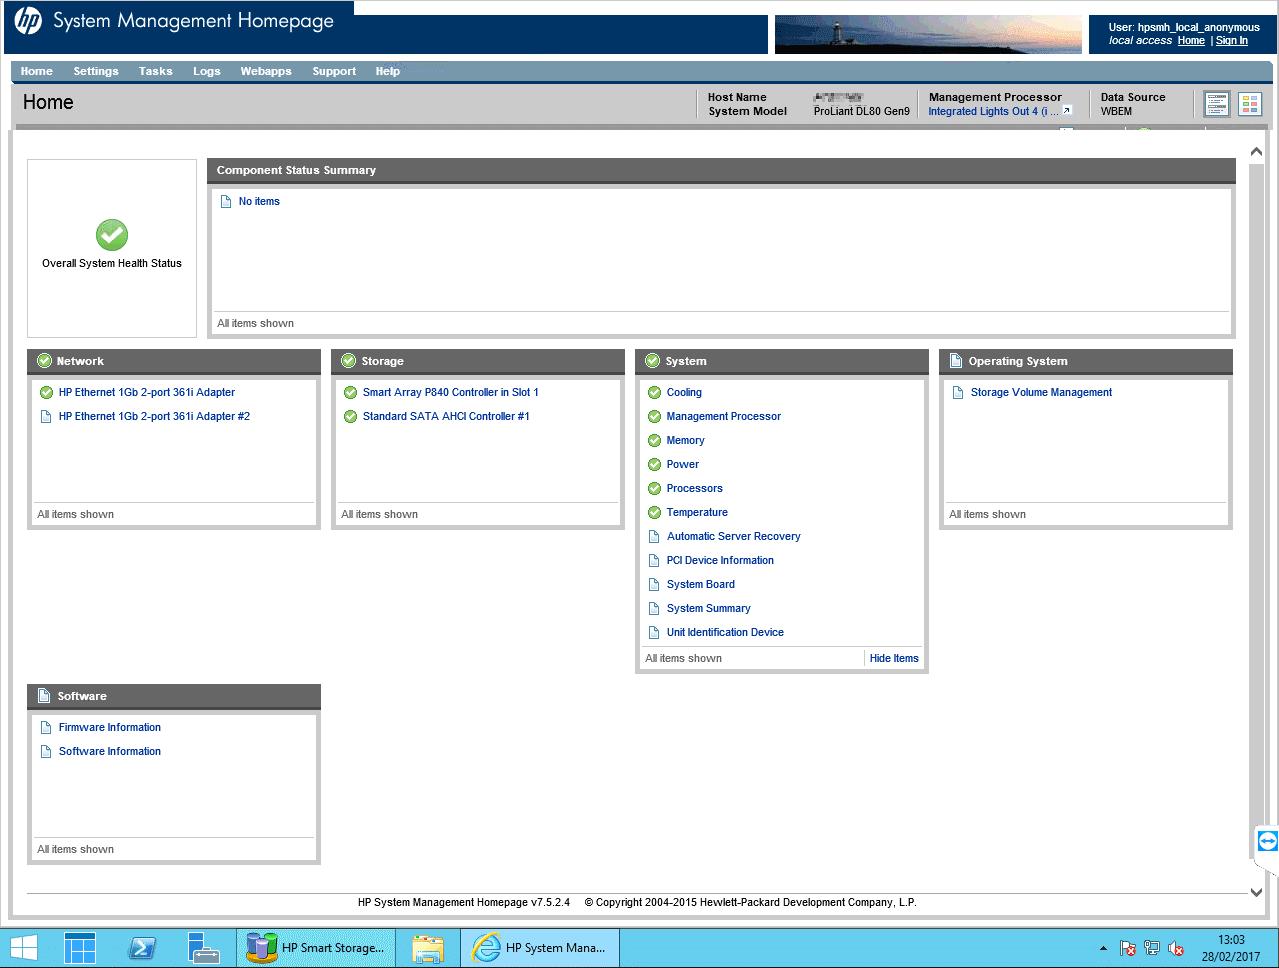 Vista Informe de estado de los elementos hardware obtenido trabajos de Mantenimiento, administración de servidores para empresas.